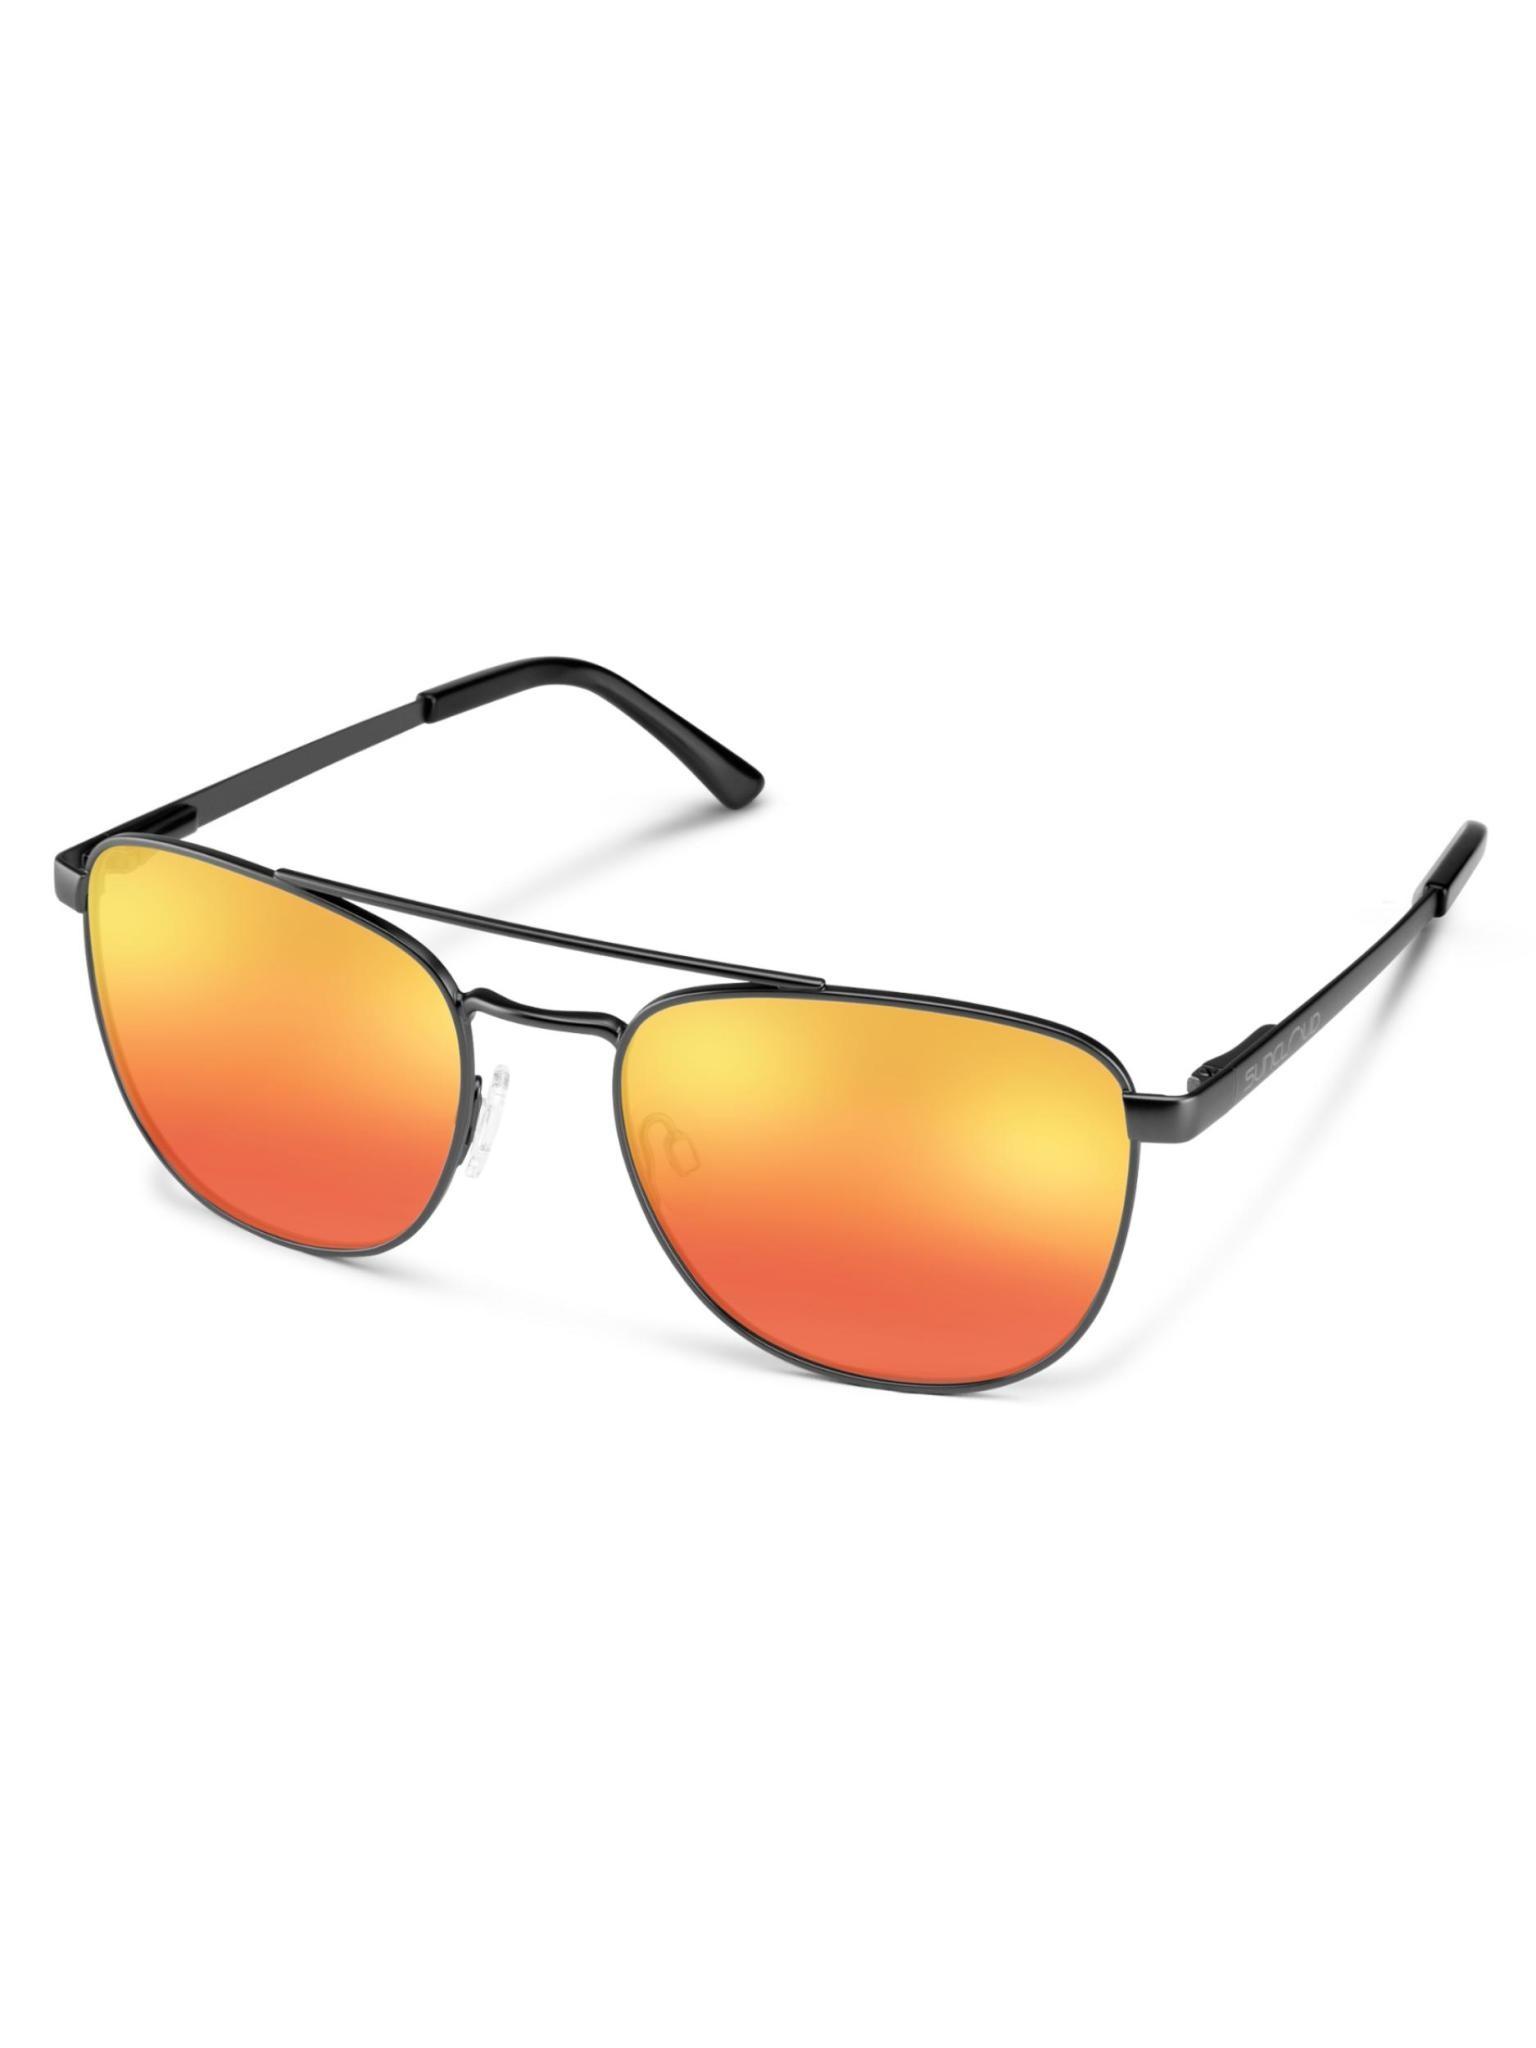 Fairlane Sunglasses Matte Black Polarized Red Mirror